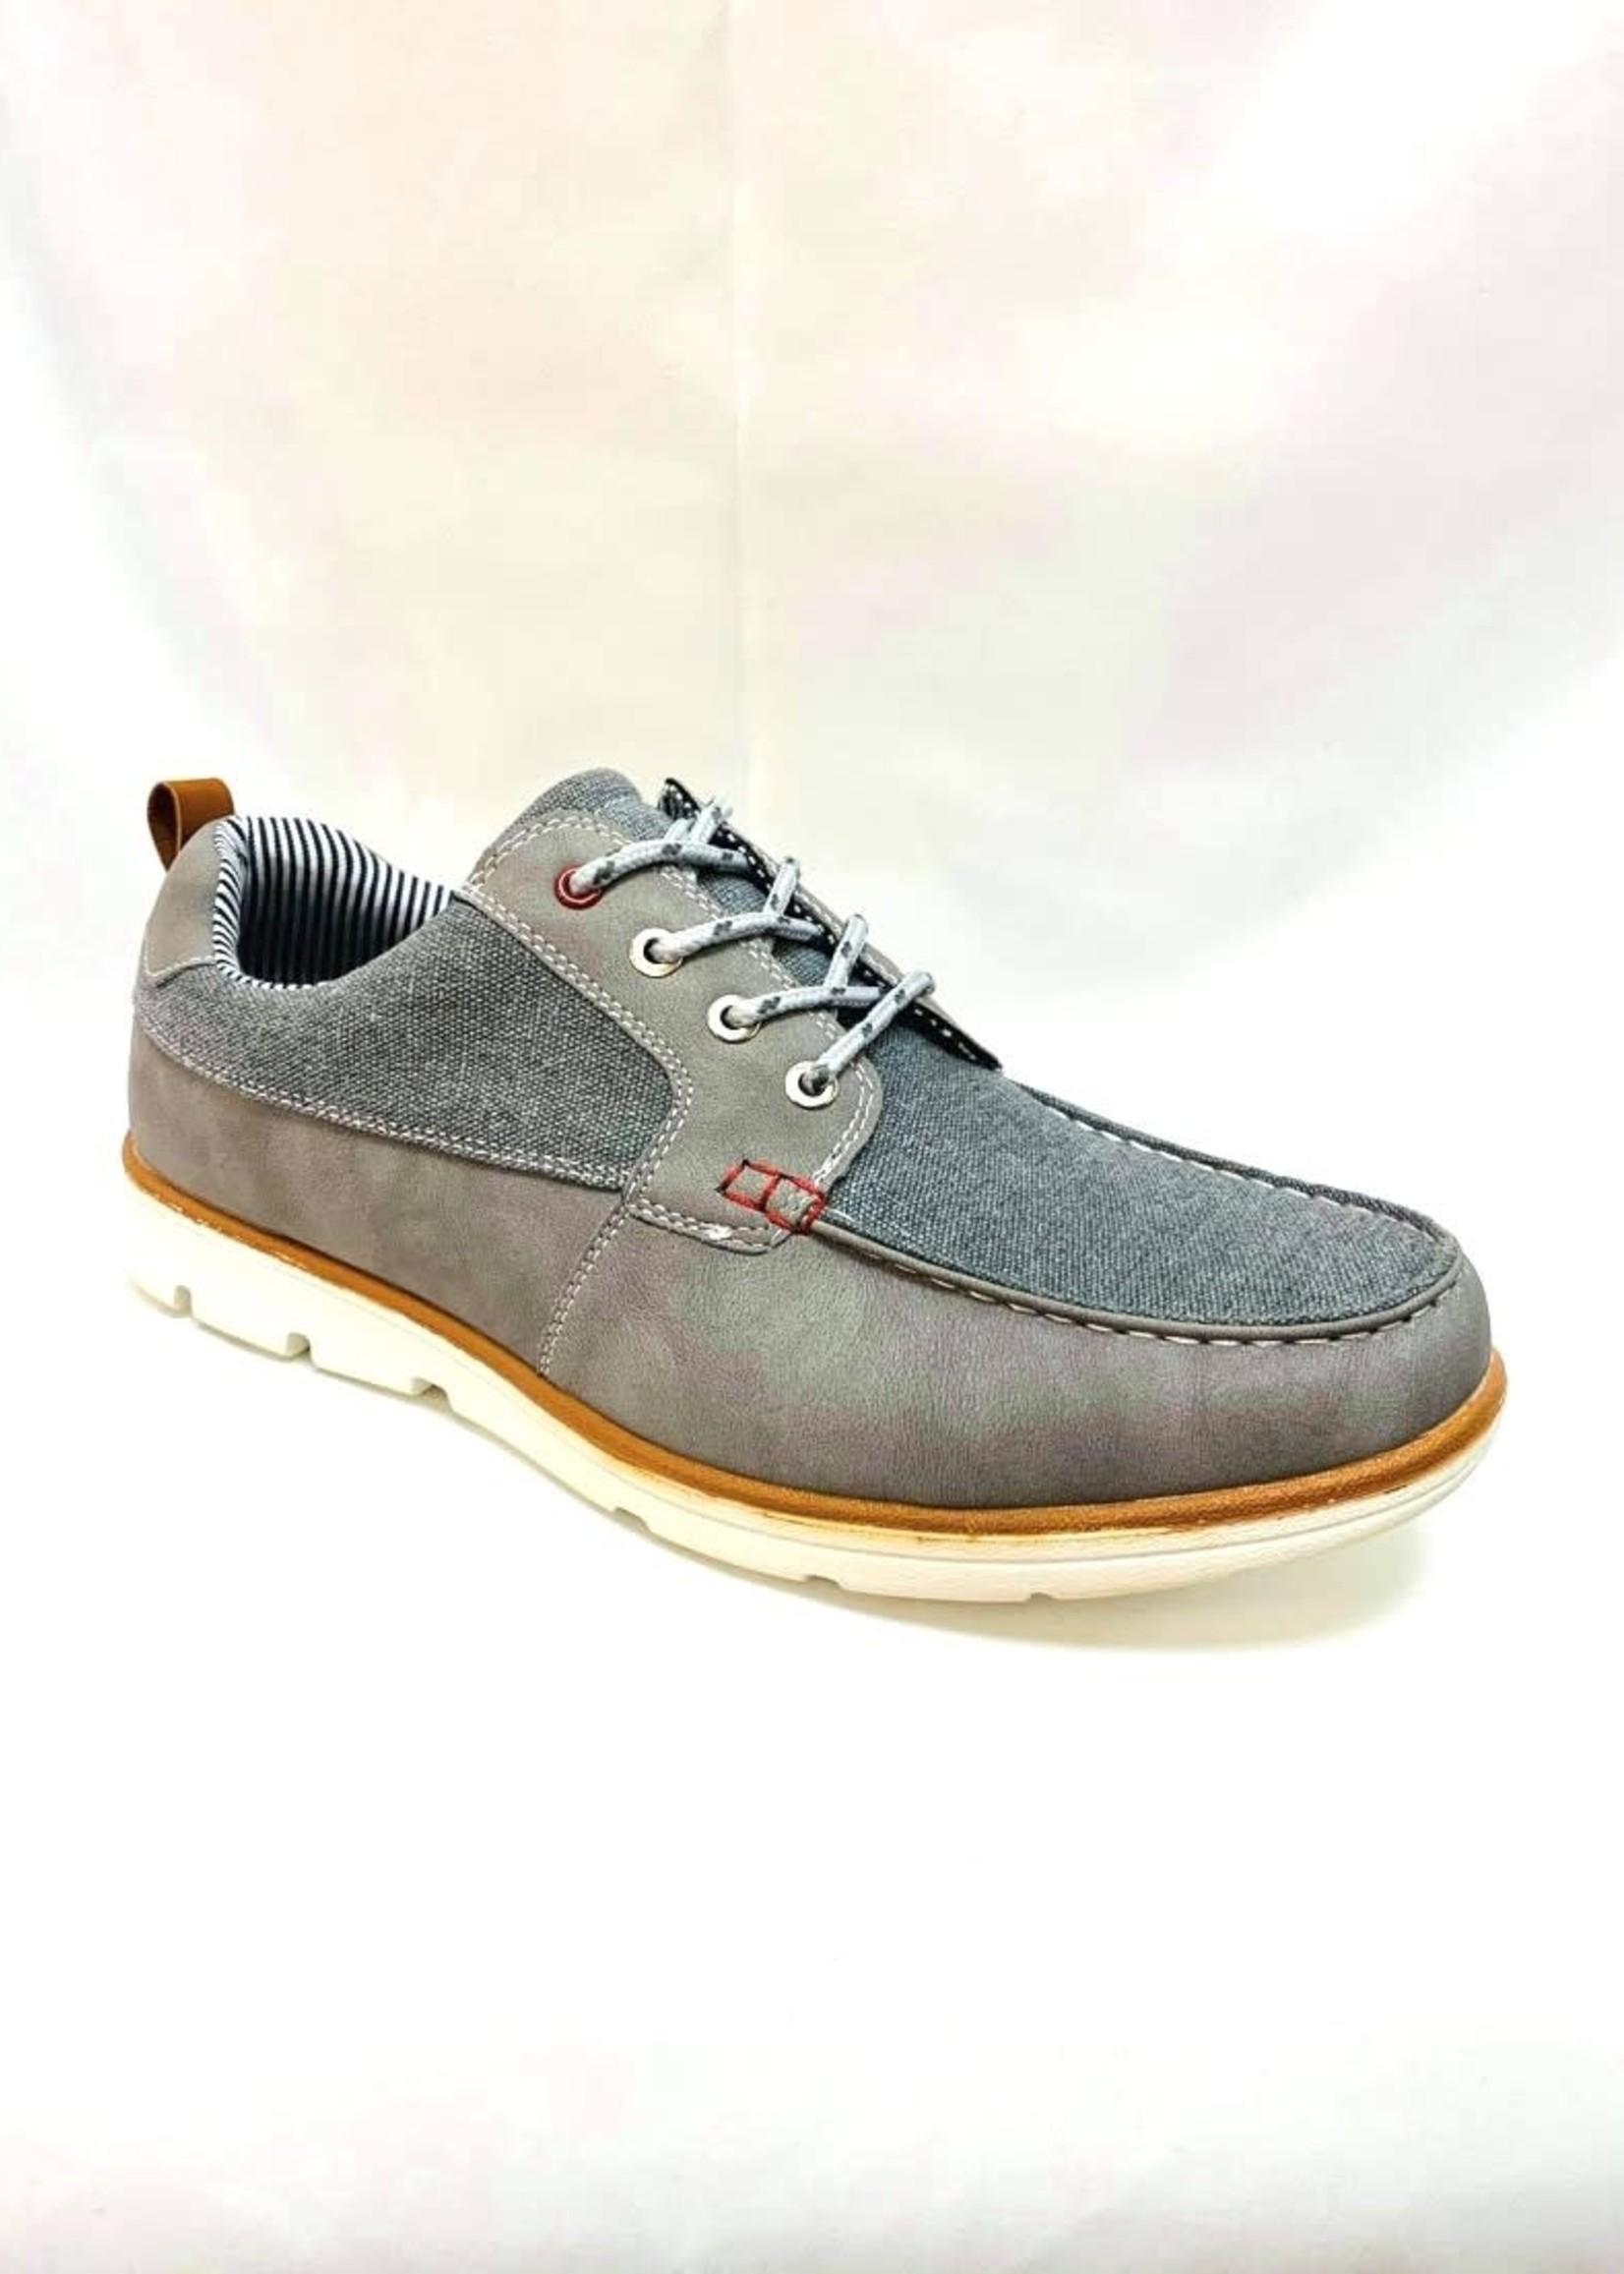 Troop Sneaker